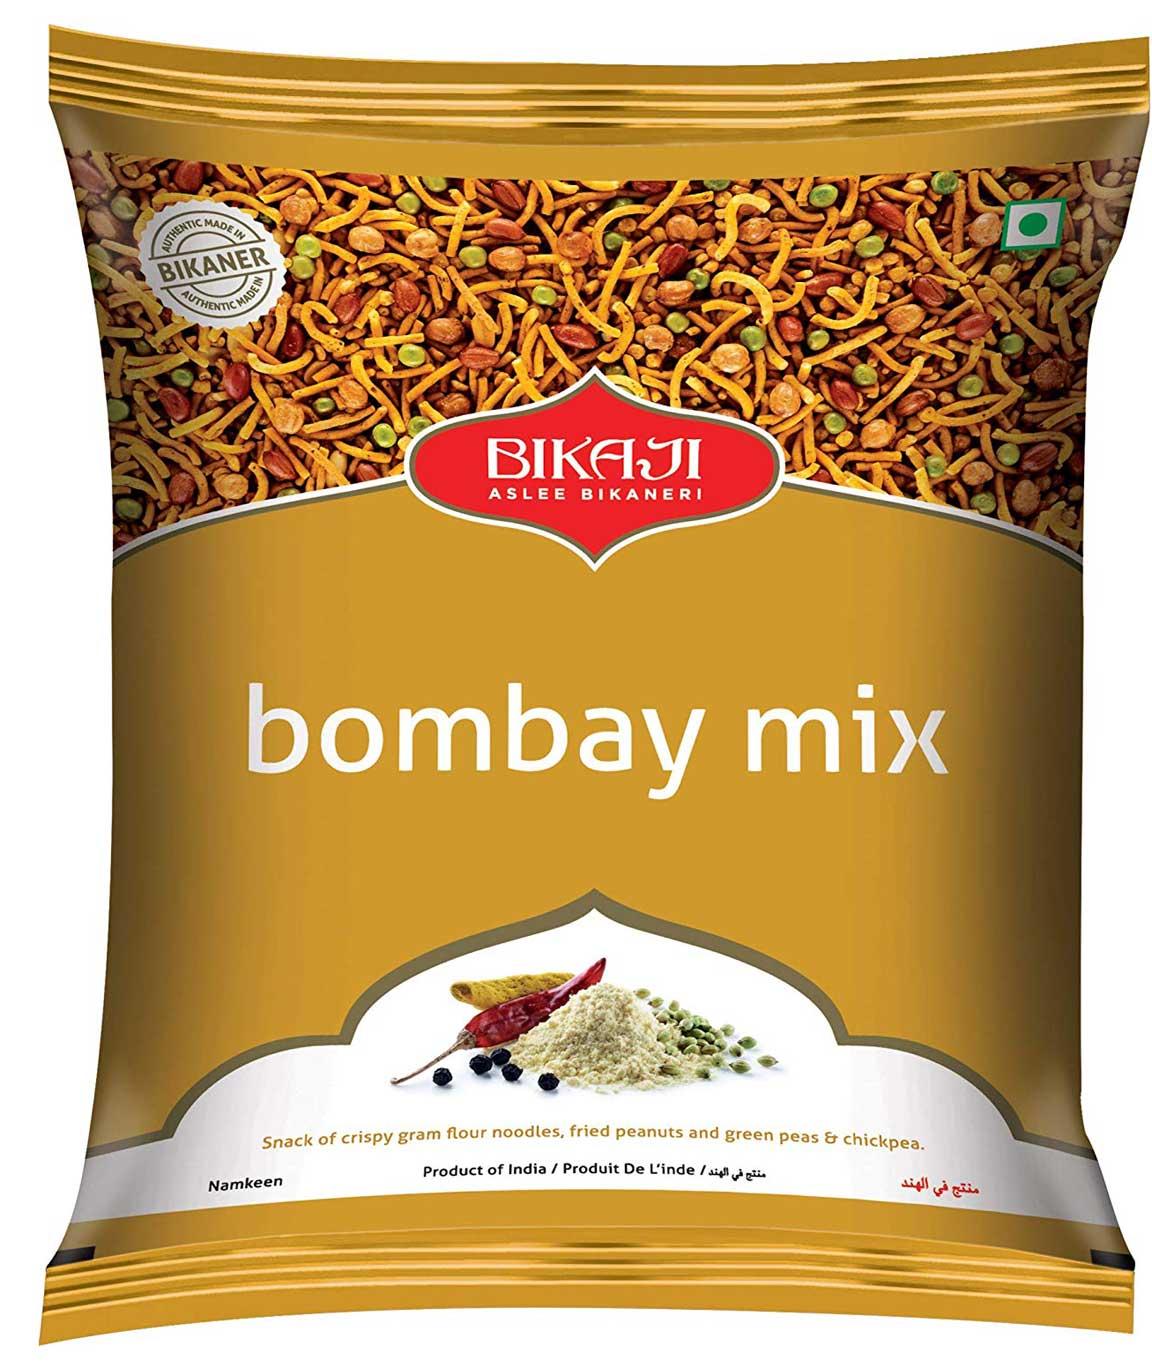 Bikaji Bombay Mix 200g - Namkeen - Mixtures Snack - Pack of 4